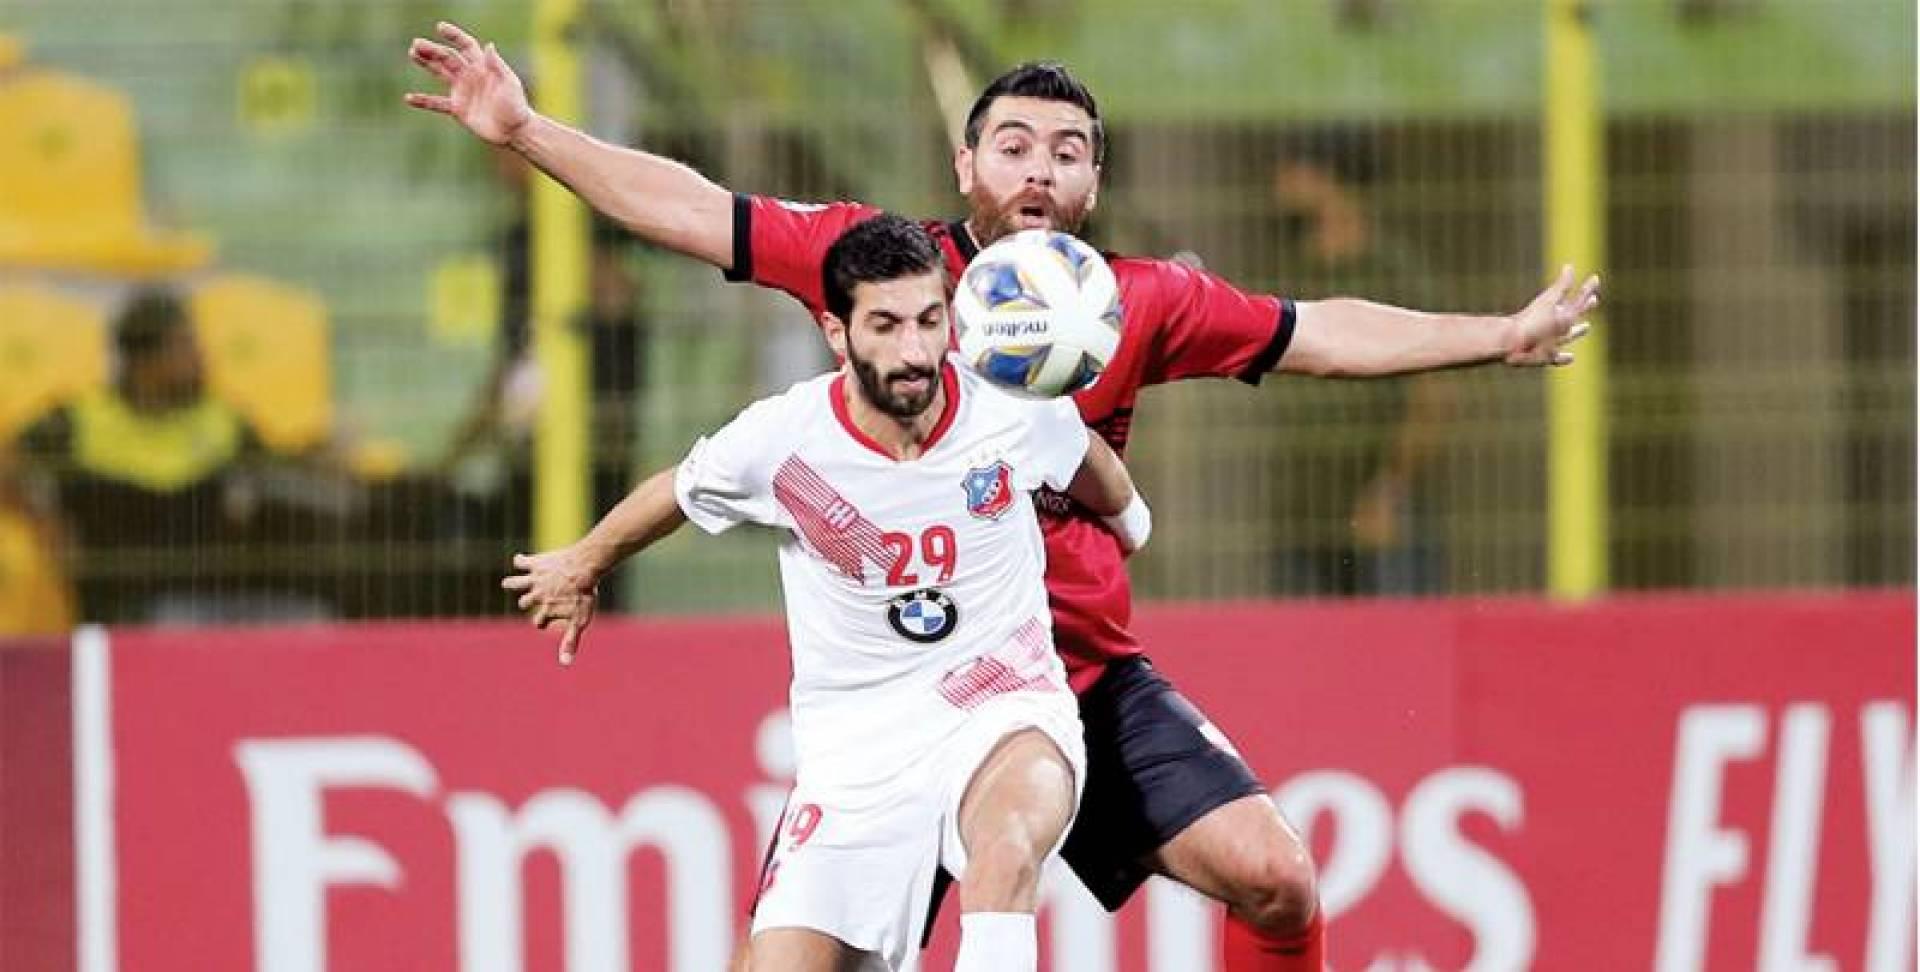 أحمد الزنكي يحاول الاستحواذ على الكرة